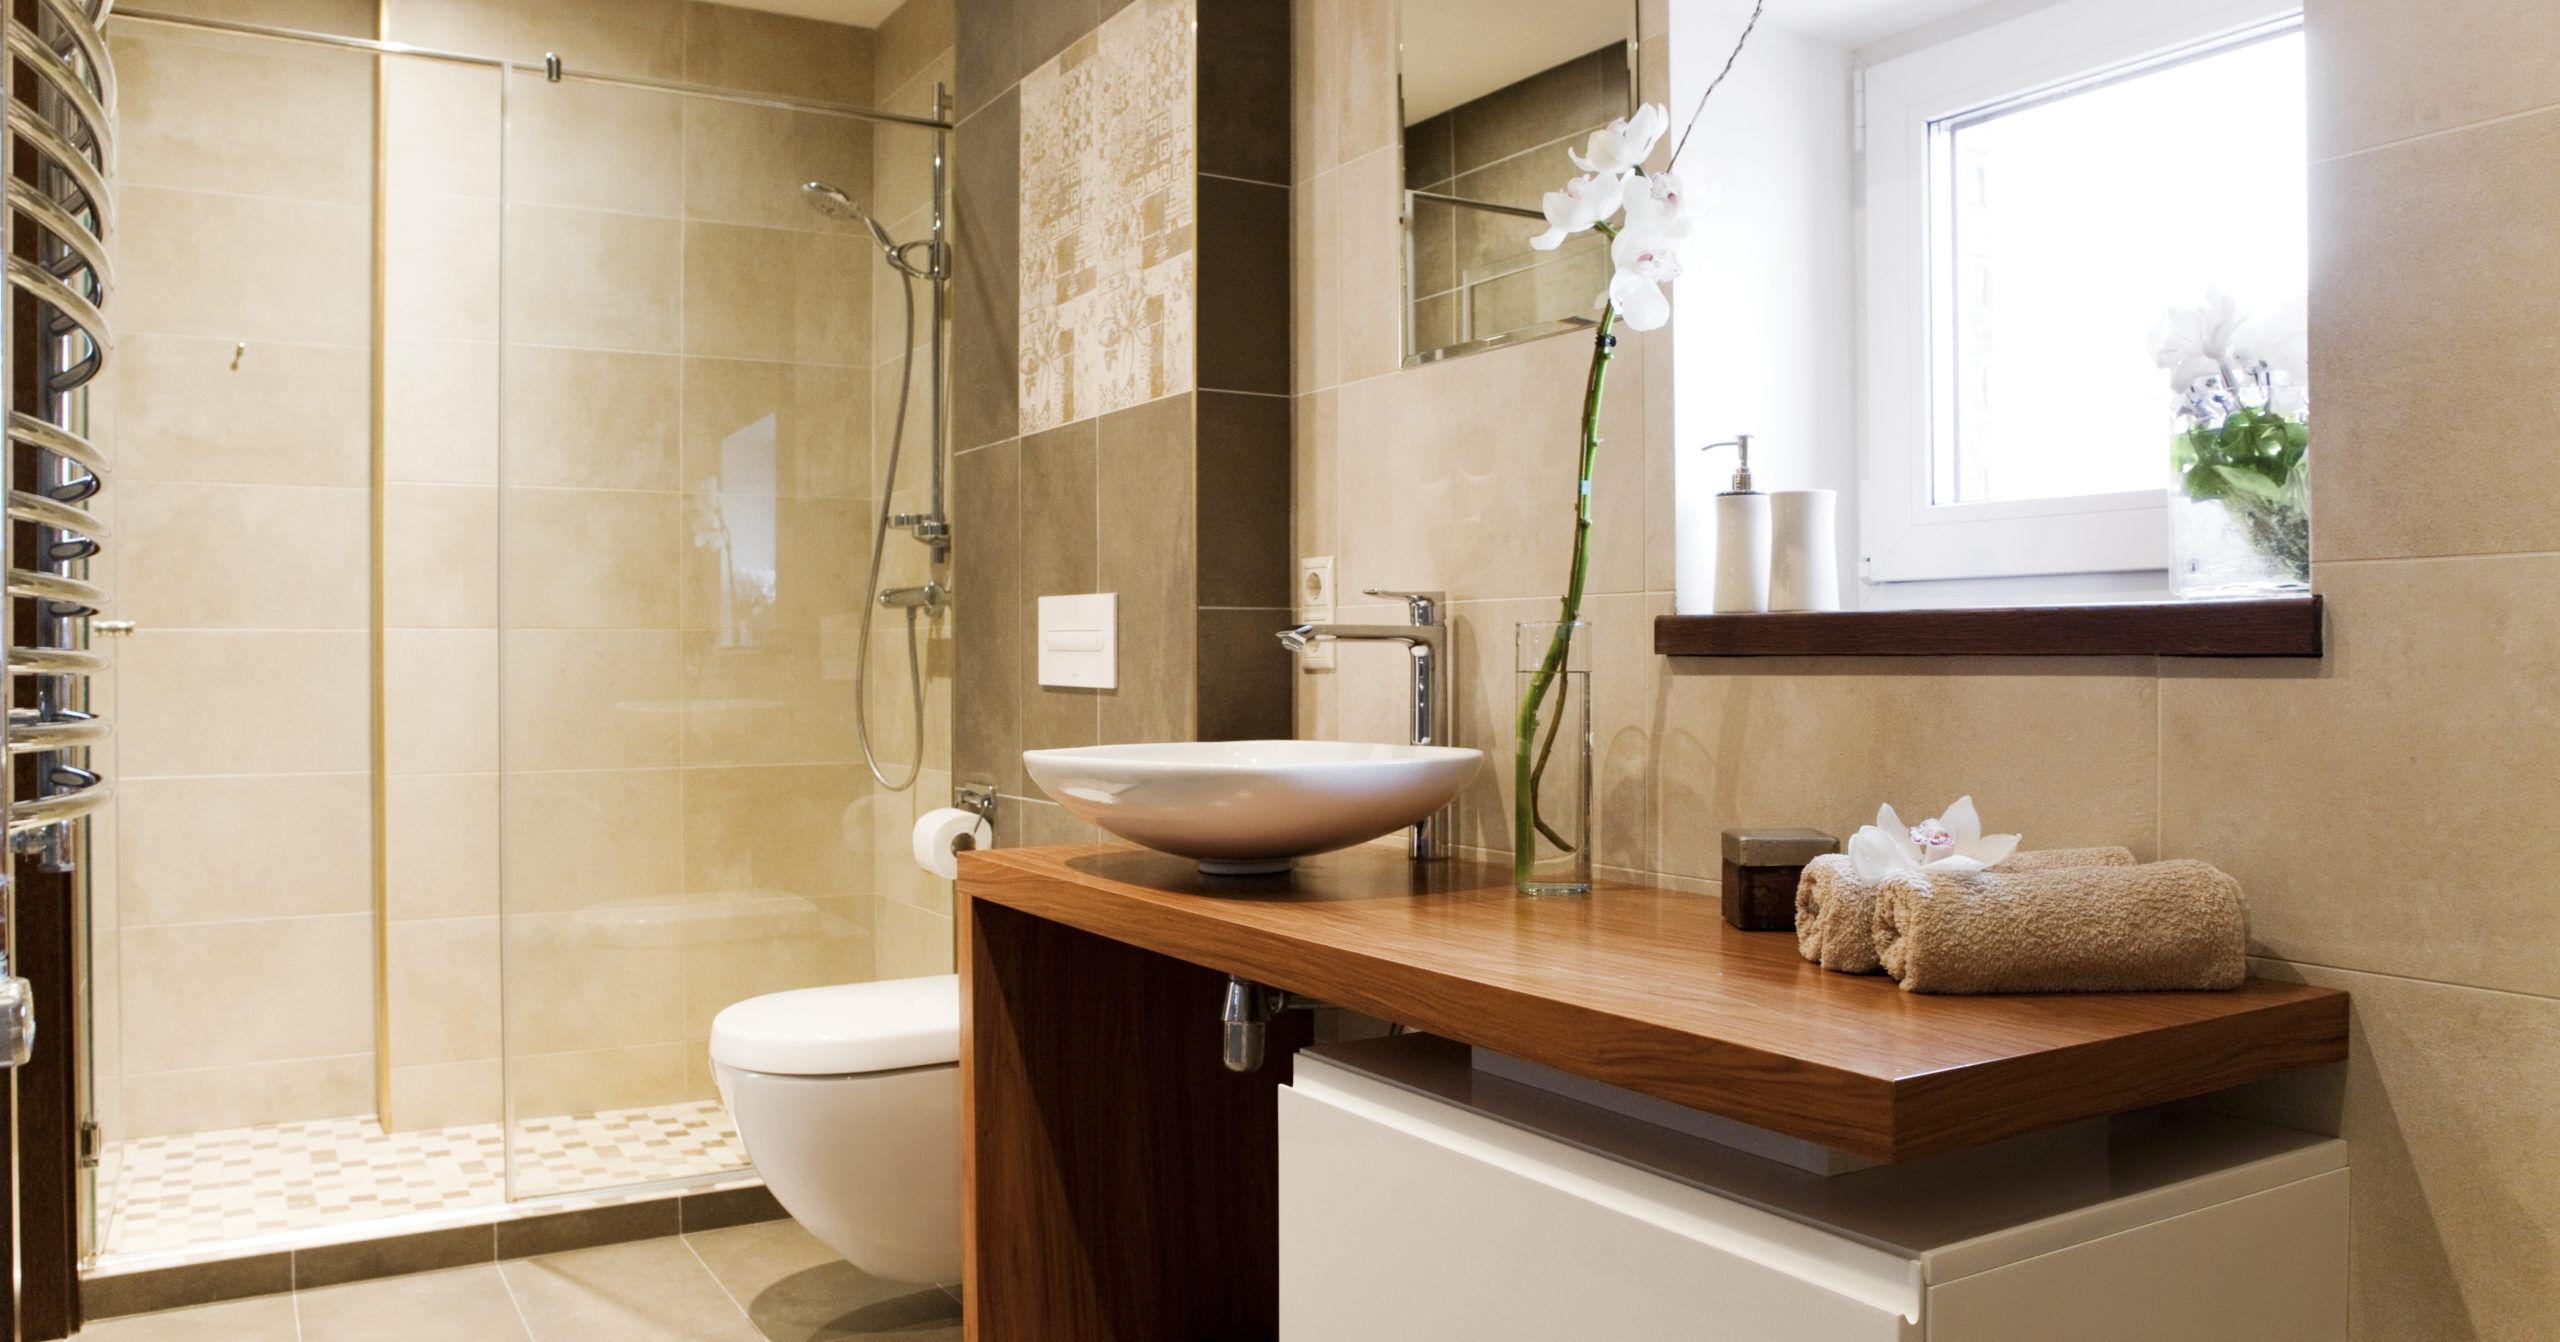 Aménagement d'une salle de bain design à Lorient